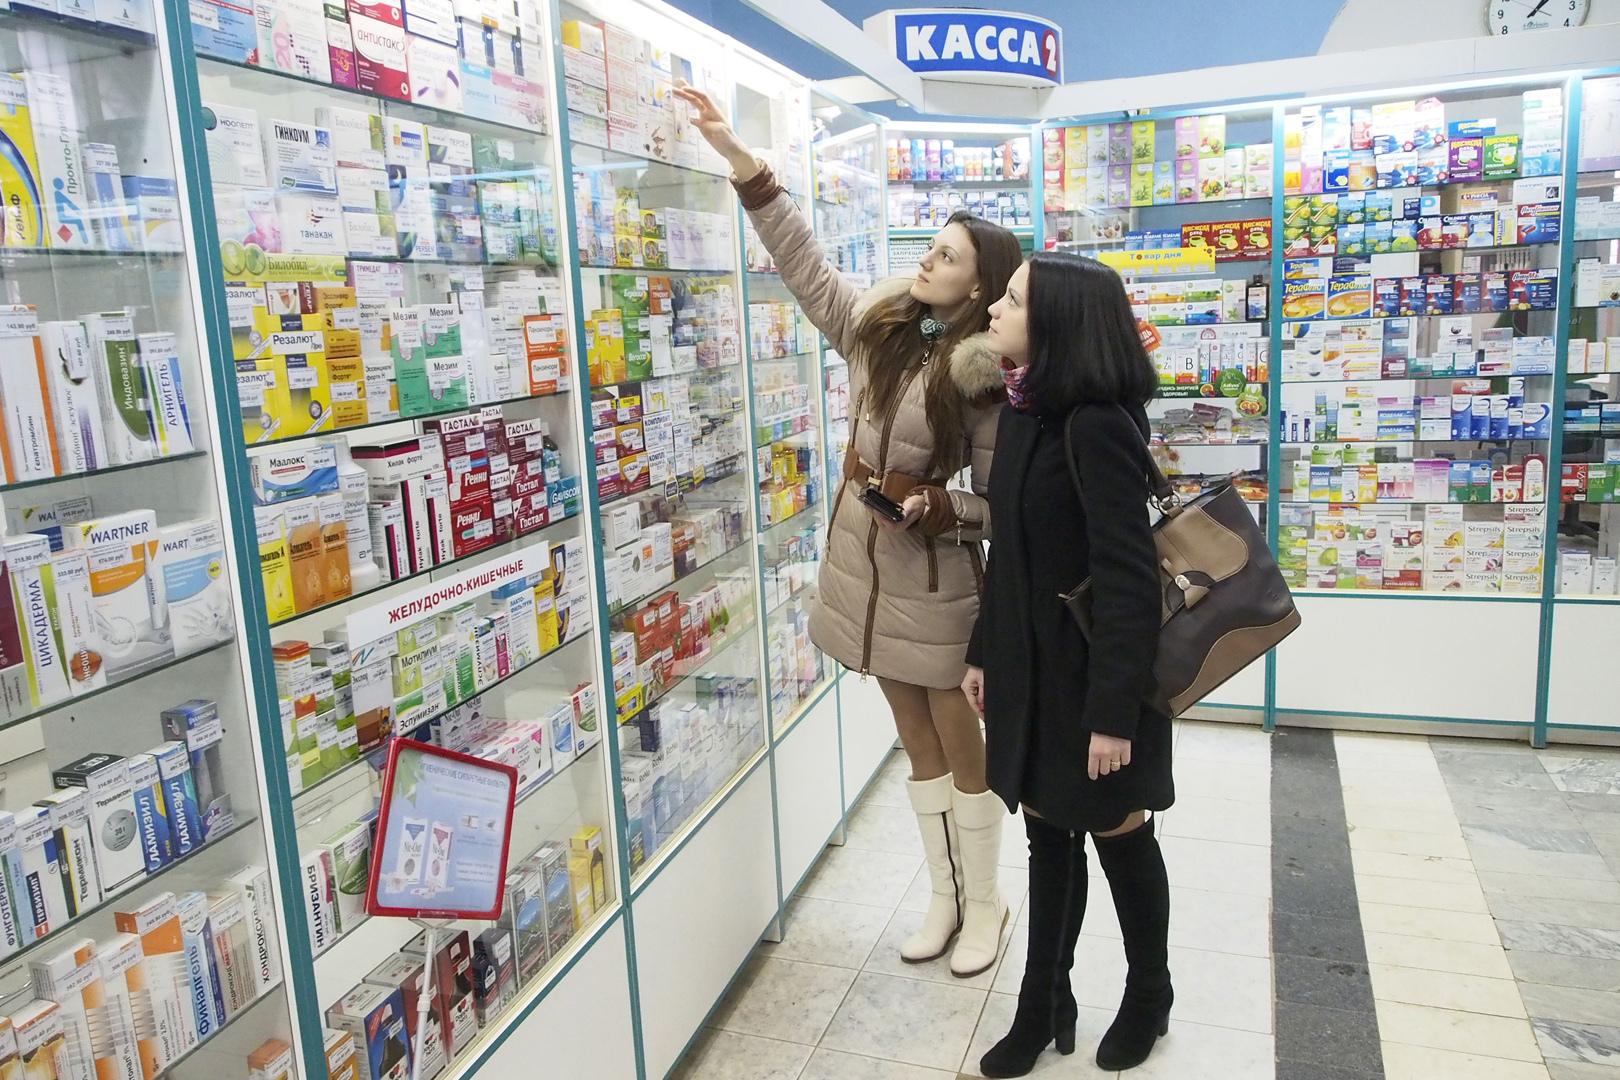 Одних в аптеке не устраивает цена, других - выбор